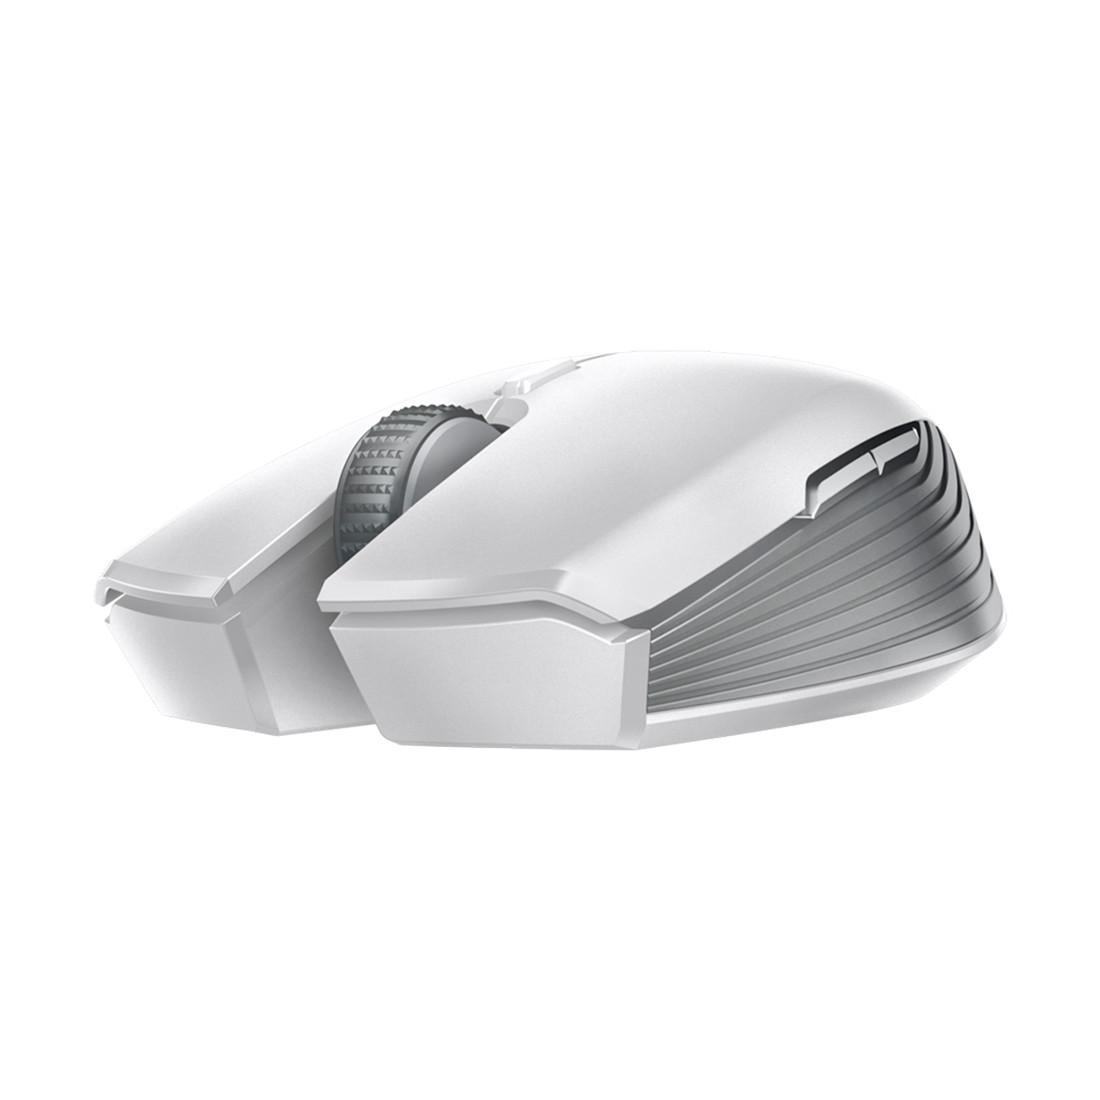 Компьютерная мышь Razer Atheris-Mercury